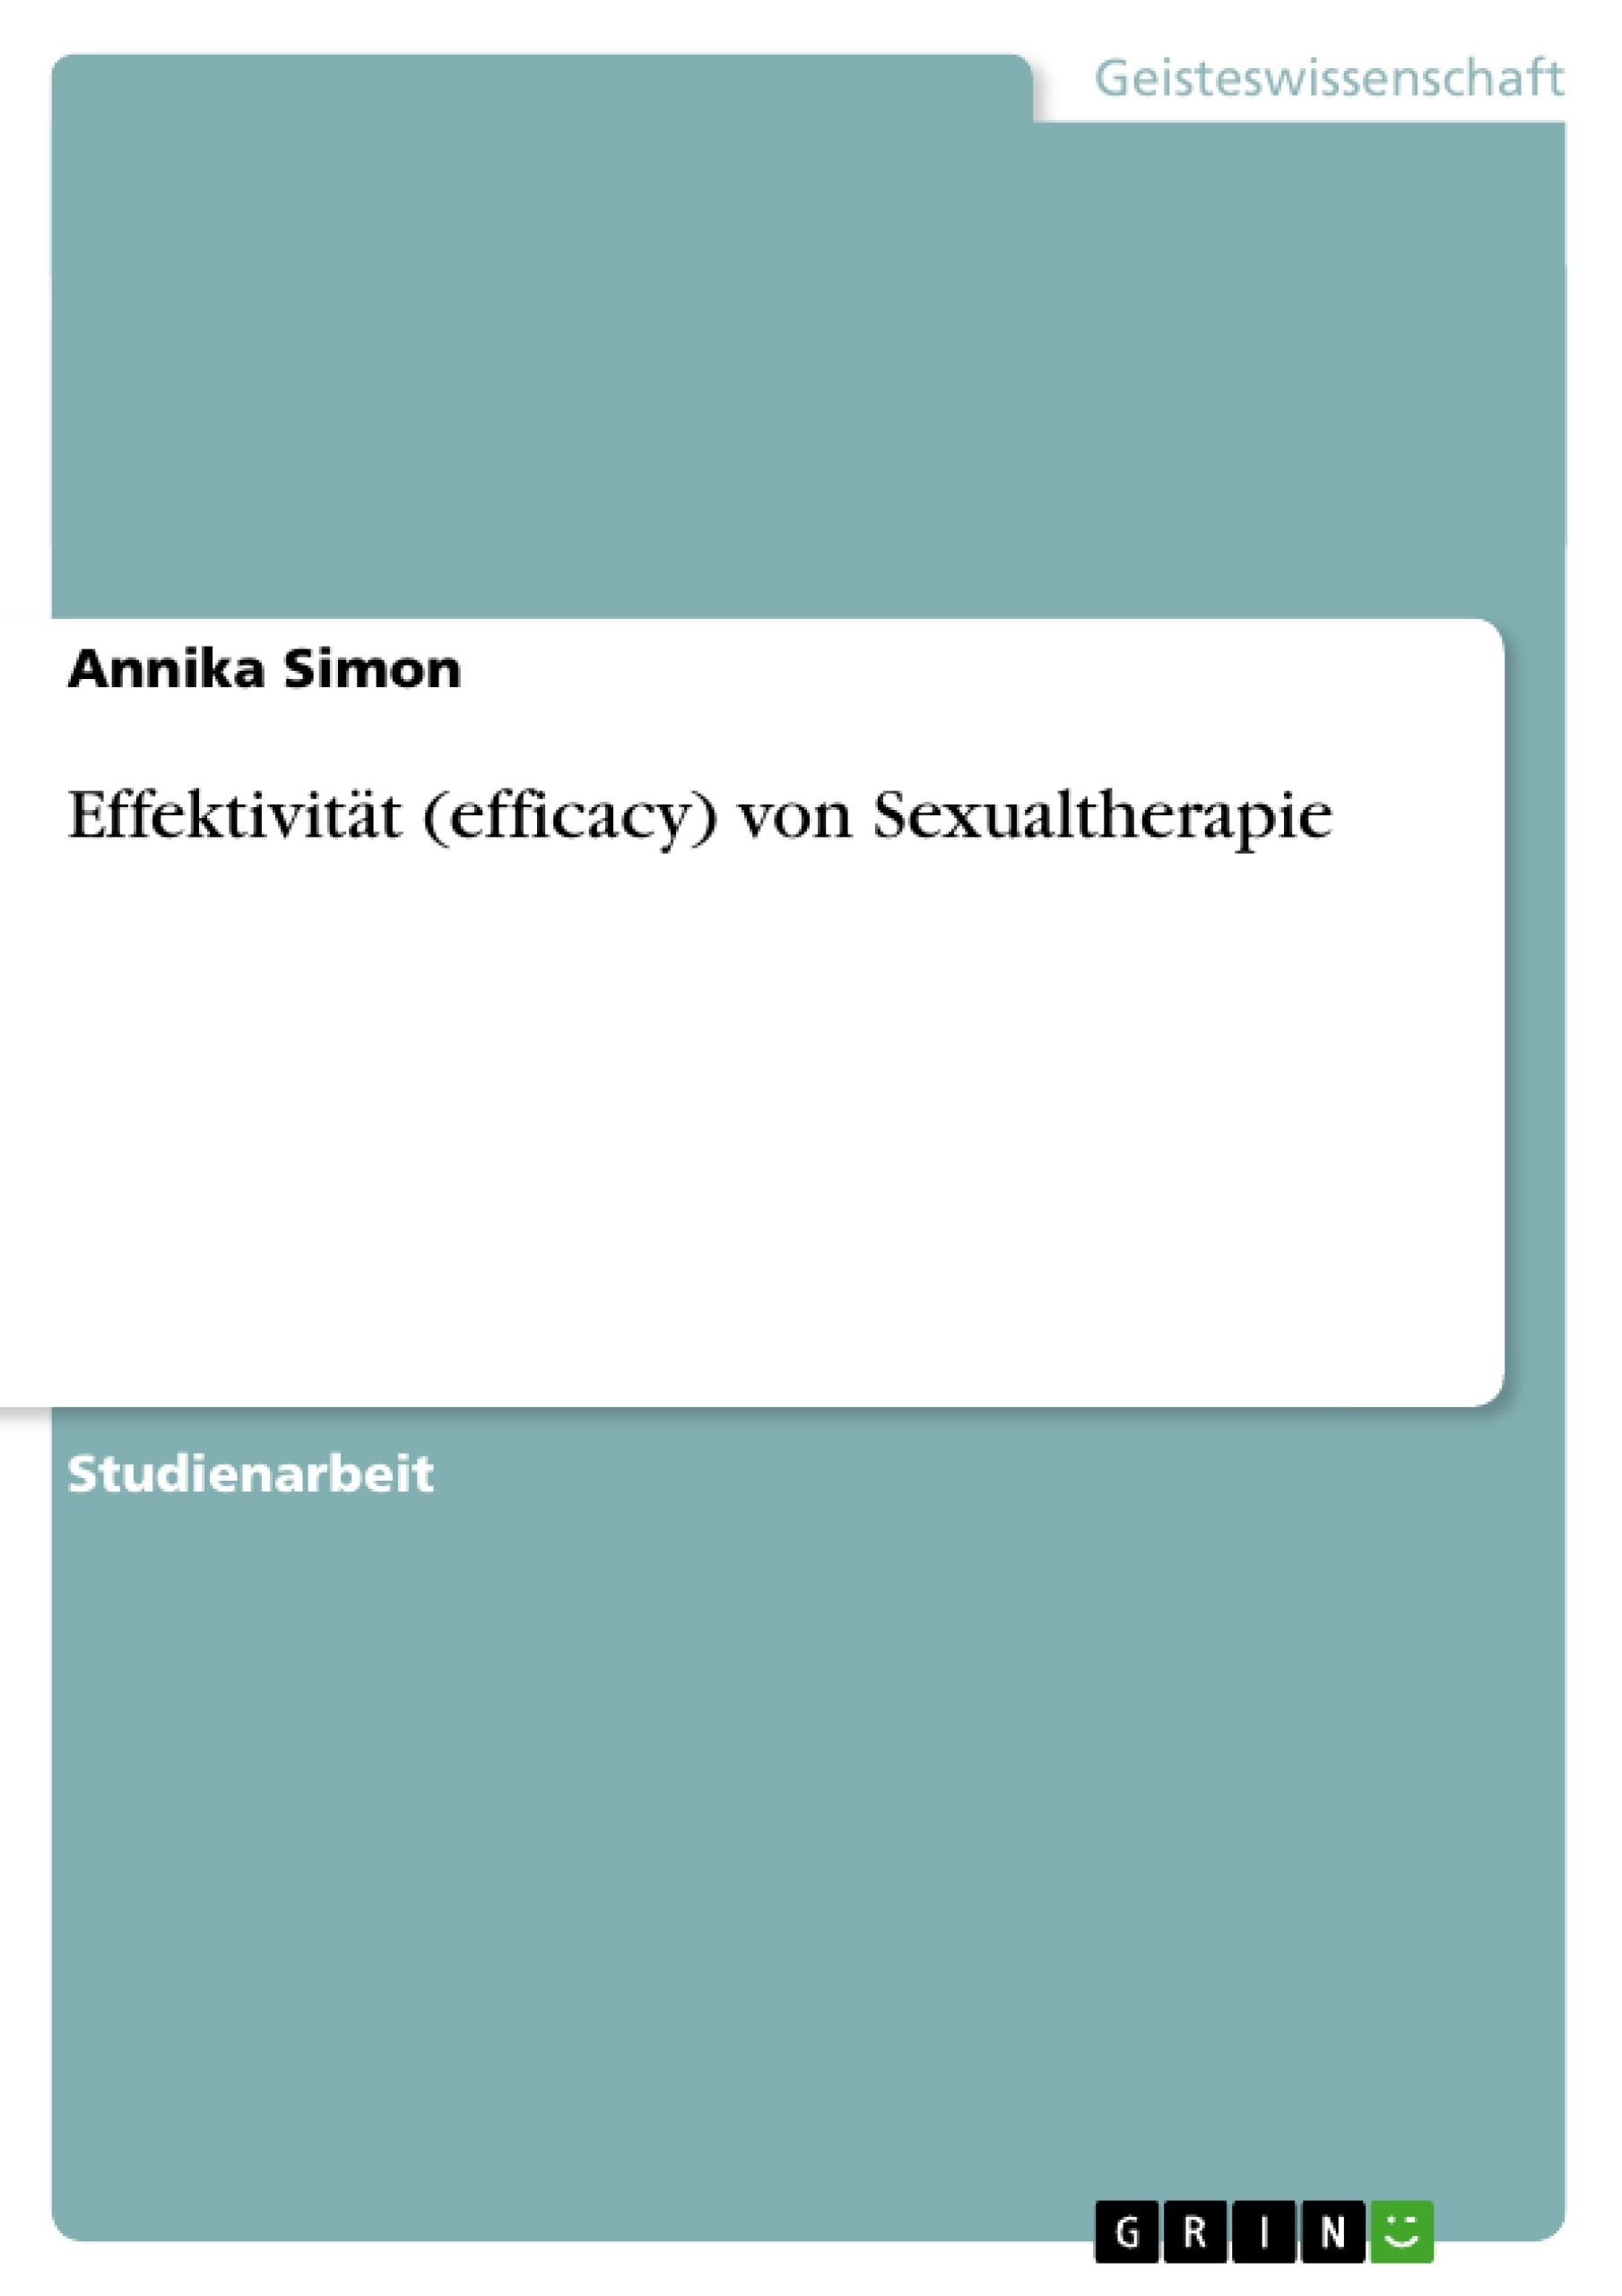 Titel: Effektivität (efficacy) von Sexualtherapie